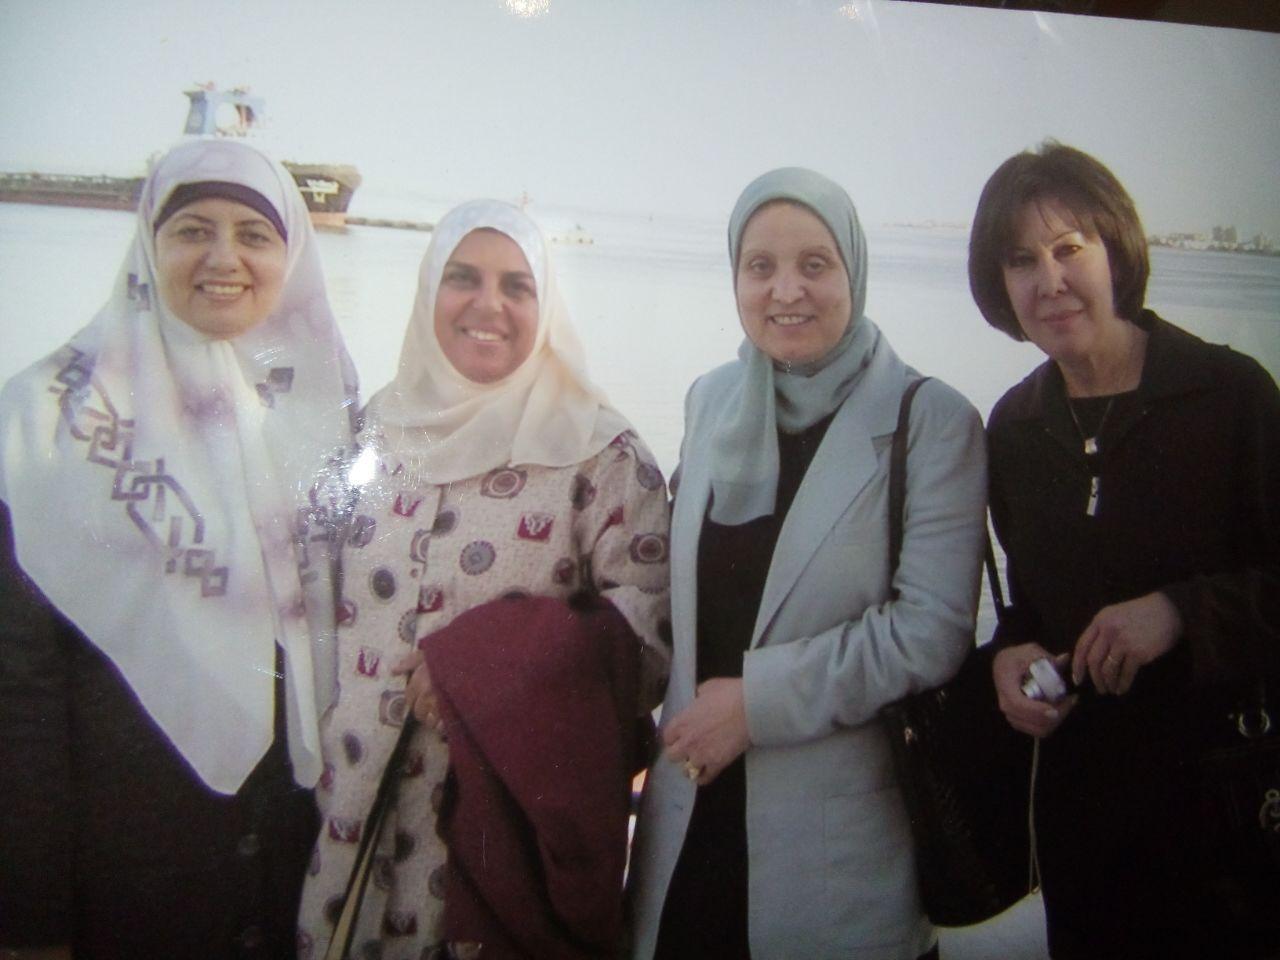 صورة لبعض الزميلات أرسلتها الزميله منى بدوي